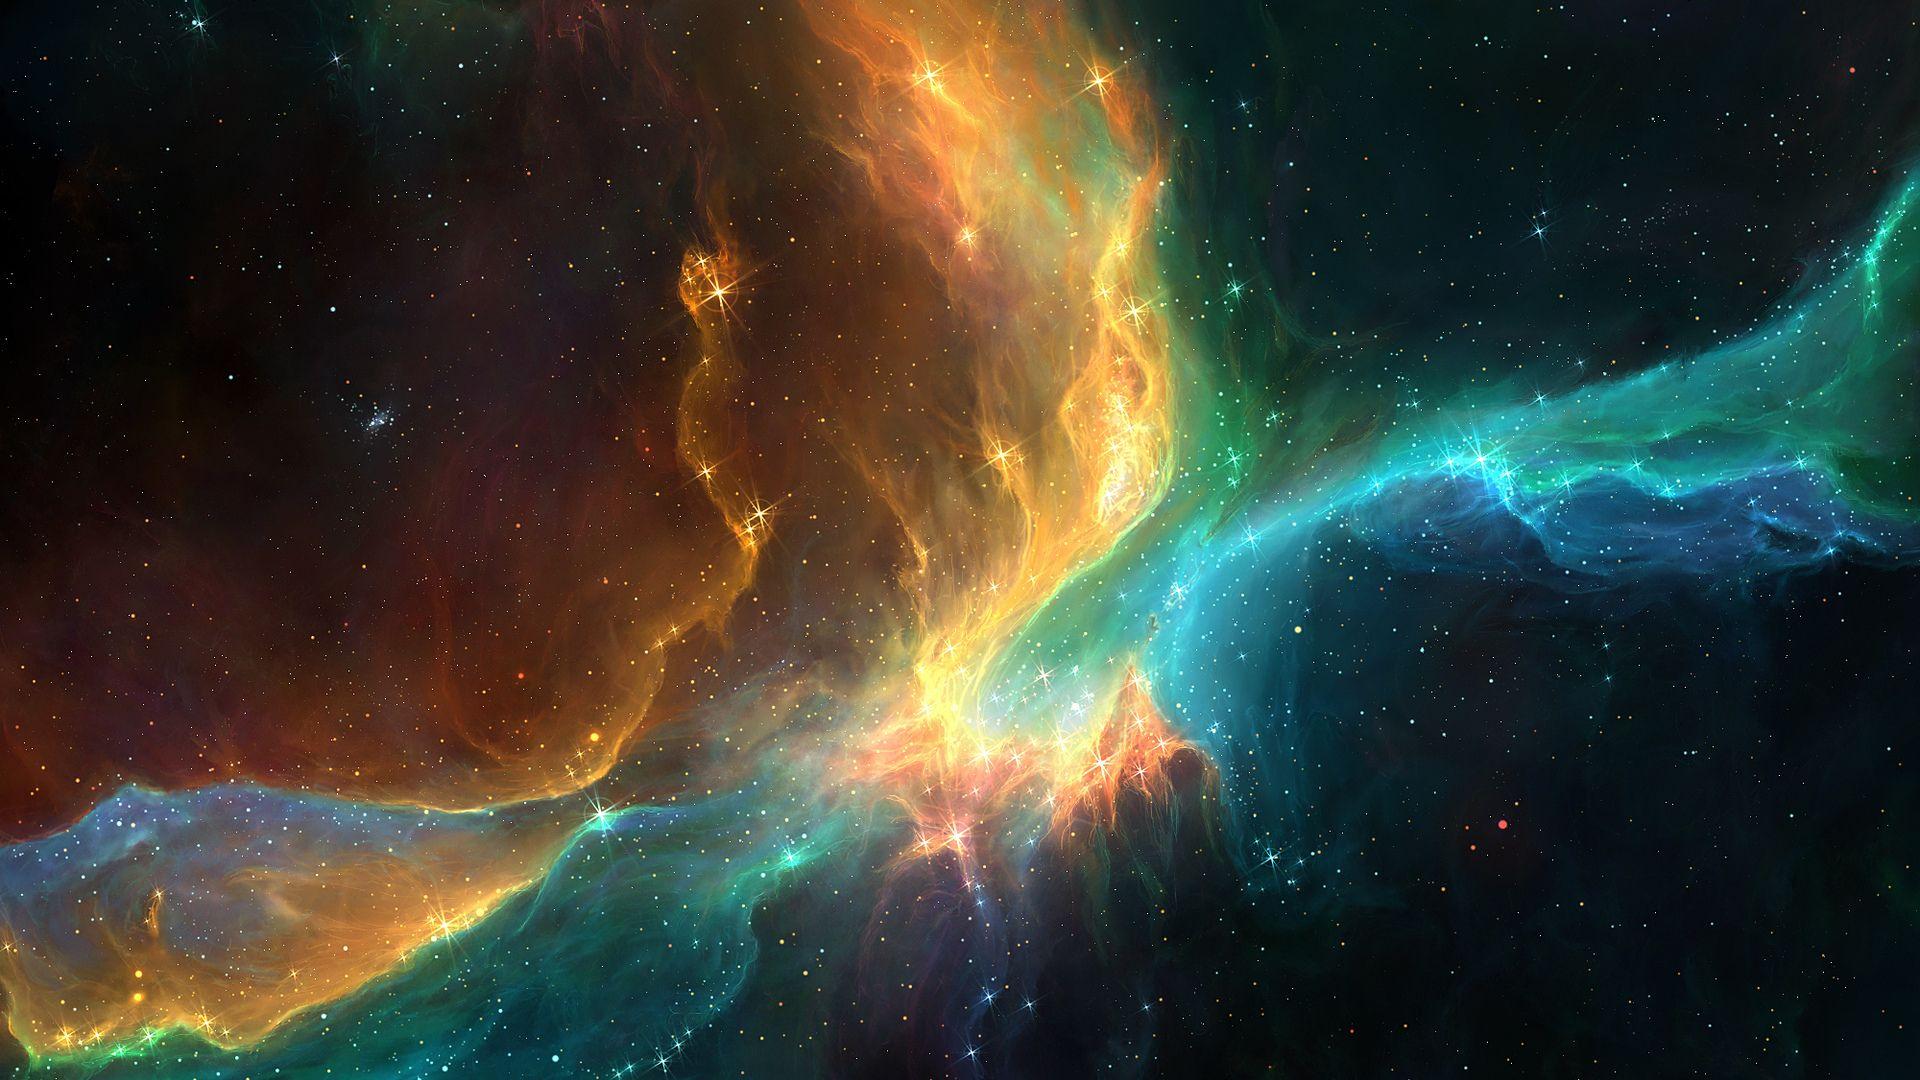 deep-space-nebula_wallpprs.com_.jpg